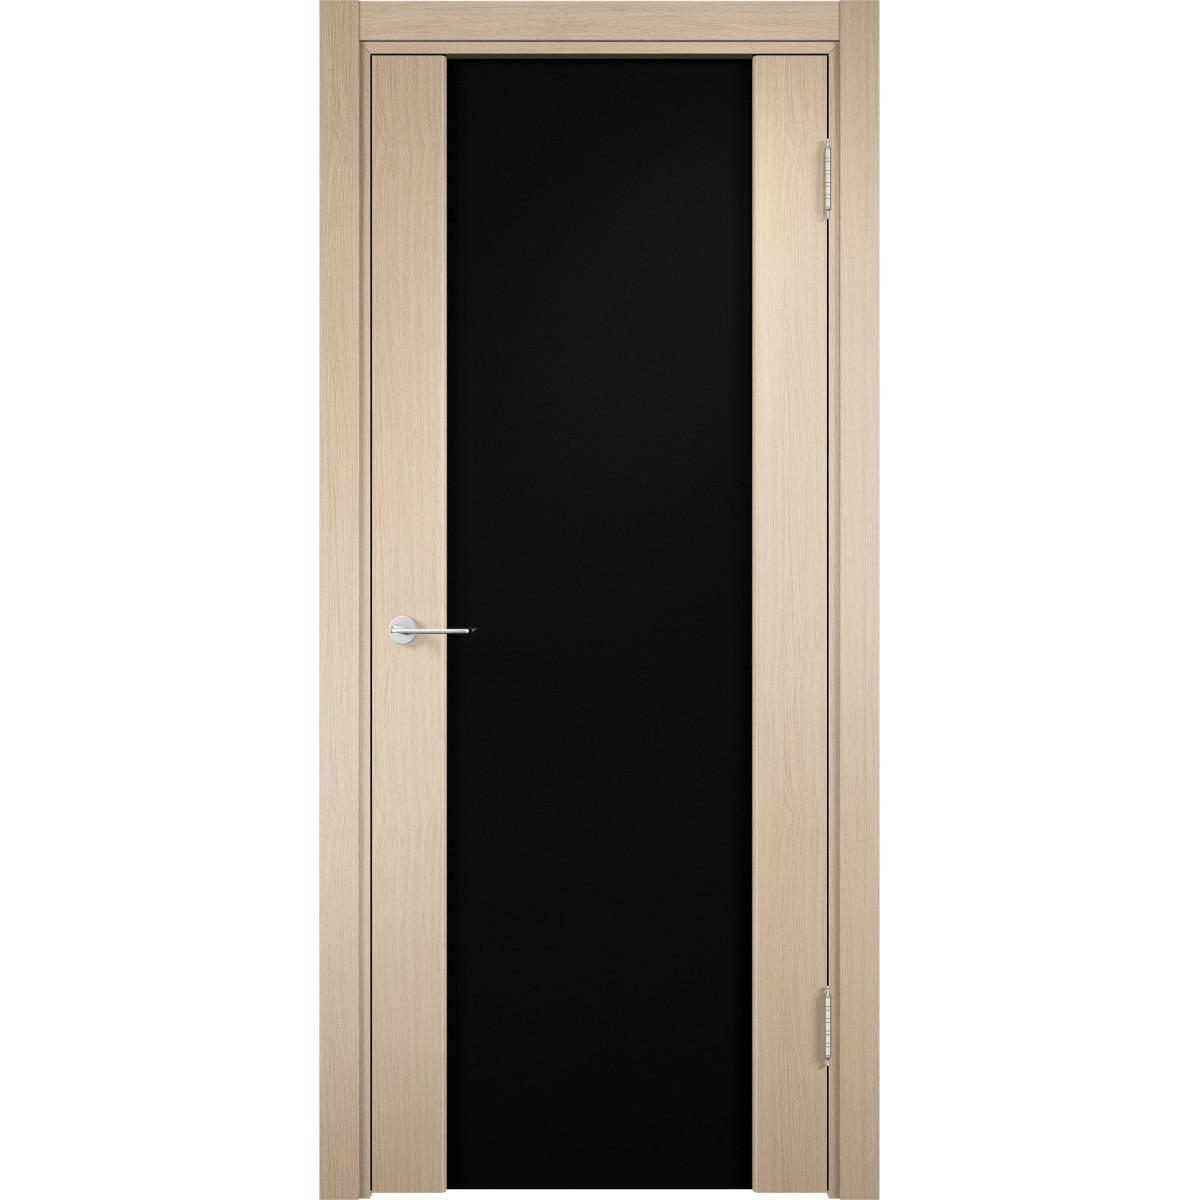 Дверное полотно Casaporte Сан-Ремо МП_0199 2000х600х44 мм МДФ